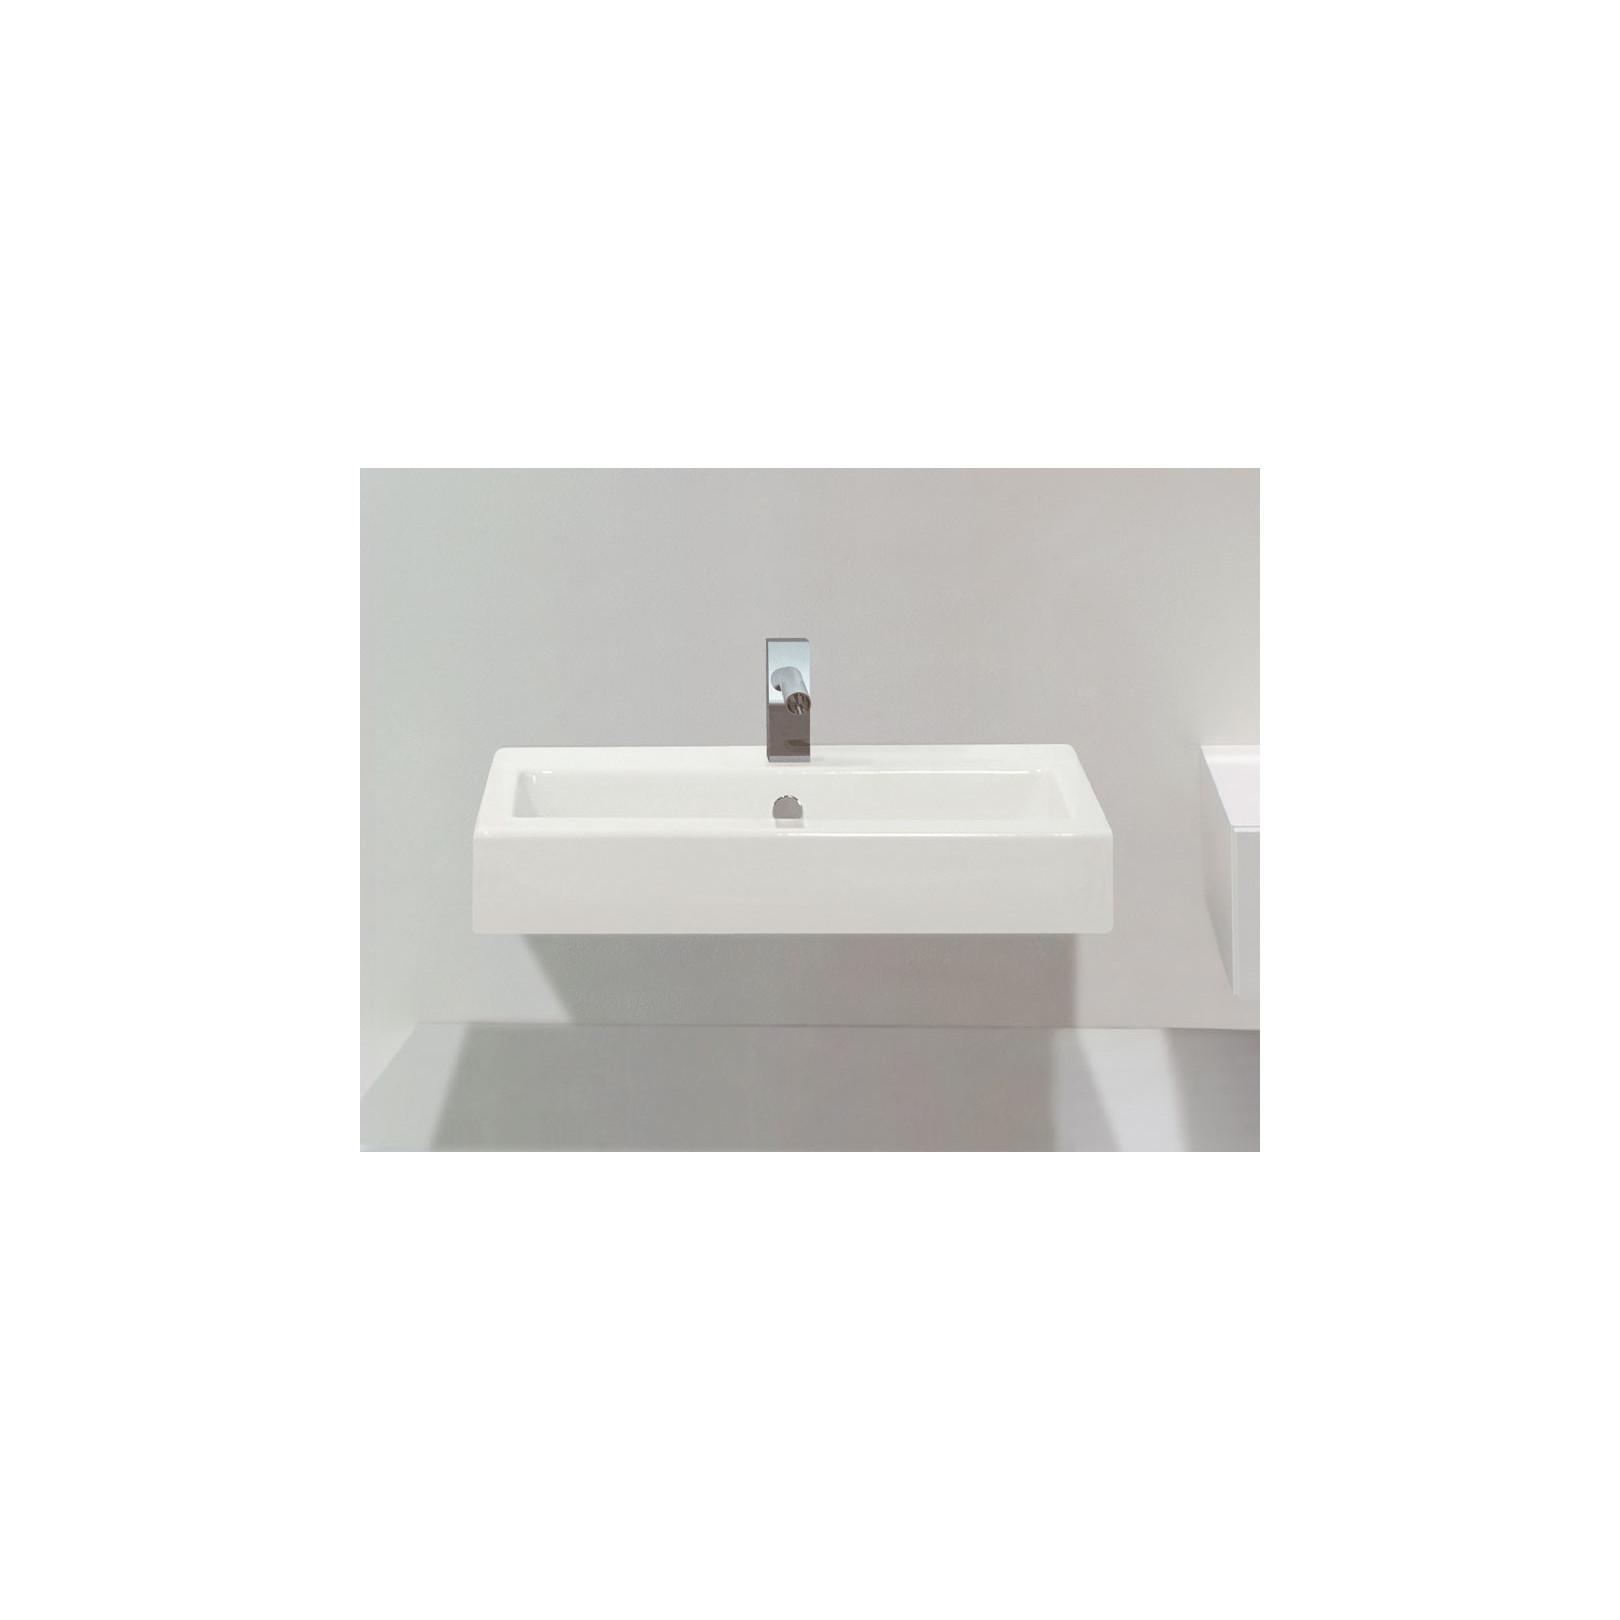 vasque a suspendre Vasque Quad 47x60ou80cm, à poser ou à suspendre